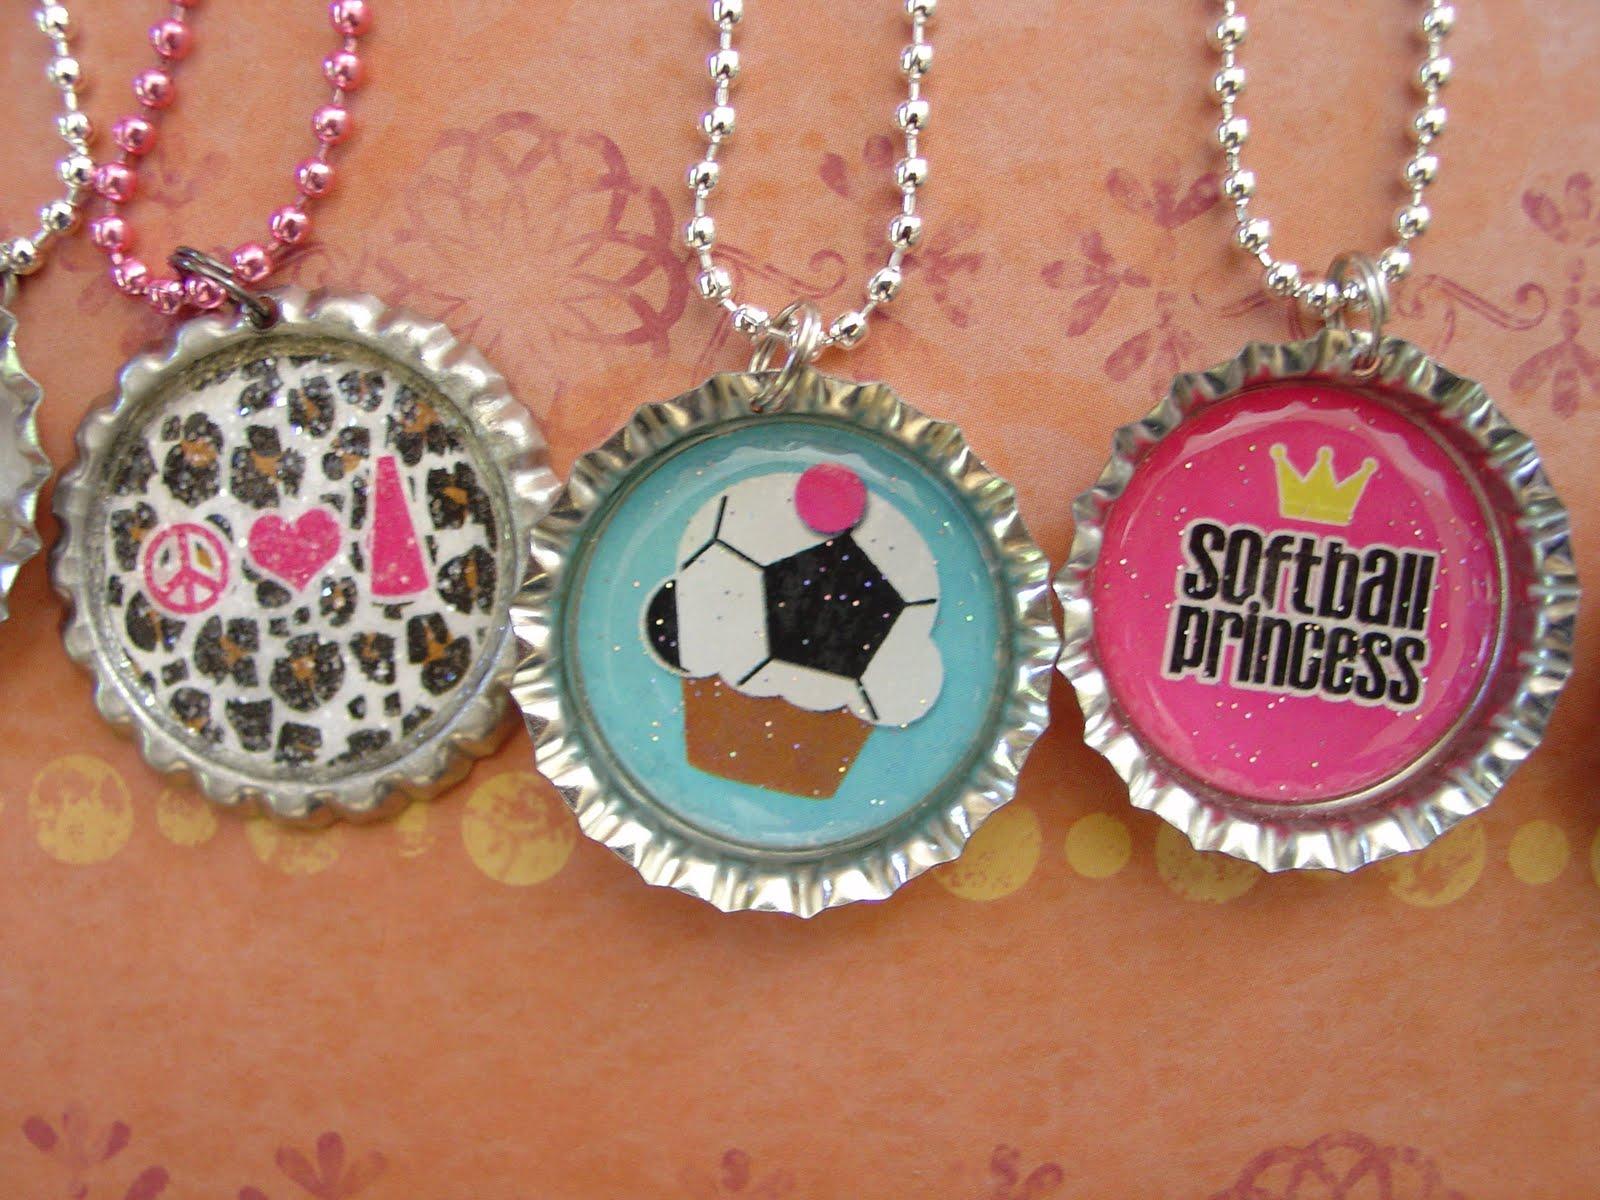 http://2.bp.blogspot.com/-1eOuXgIuBII/TiQWUZKmpXI/AAAAAAAAEuU/UoeC58MJNpQ/s1600/4%2Bcbs%2Bjewelry%2B4-11%2B011.JPG